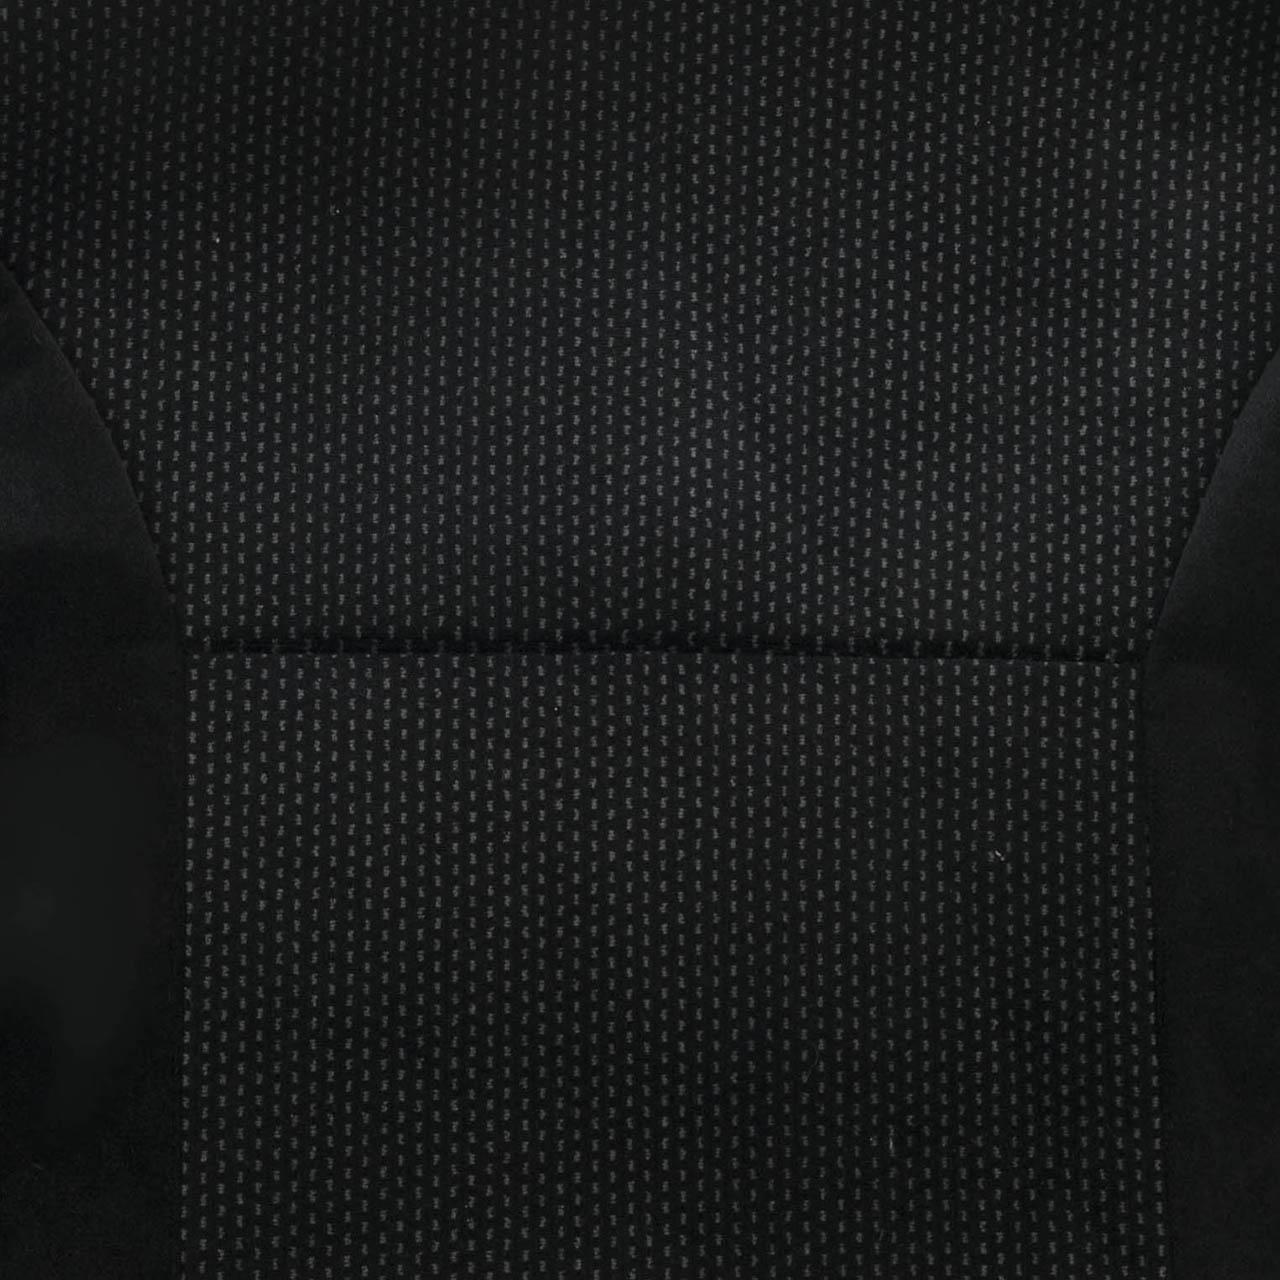 روکش صندلی خودرو هایکو مدل پراید 111 طرح دنا